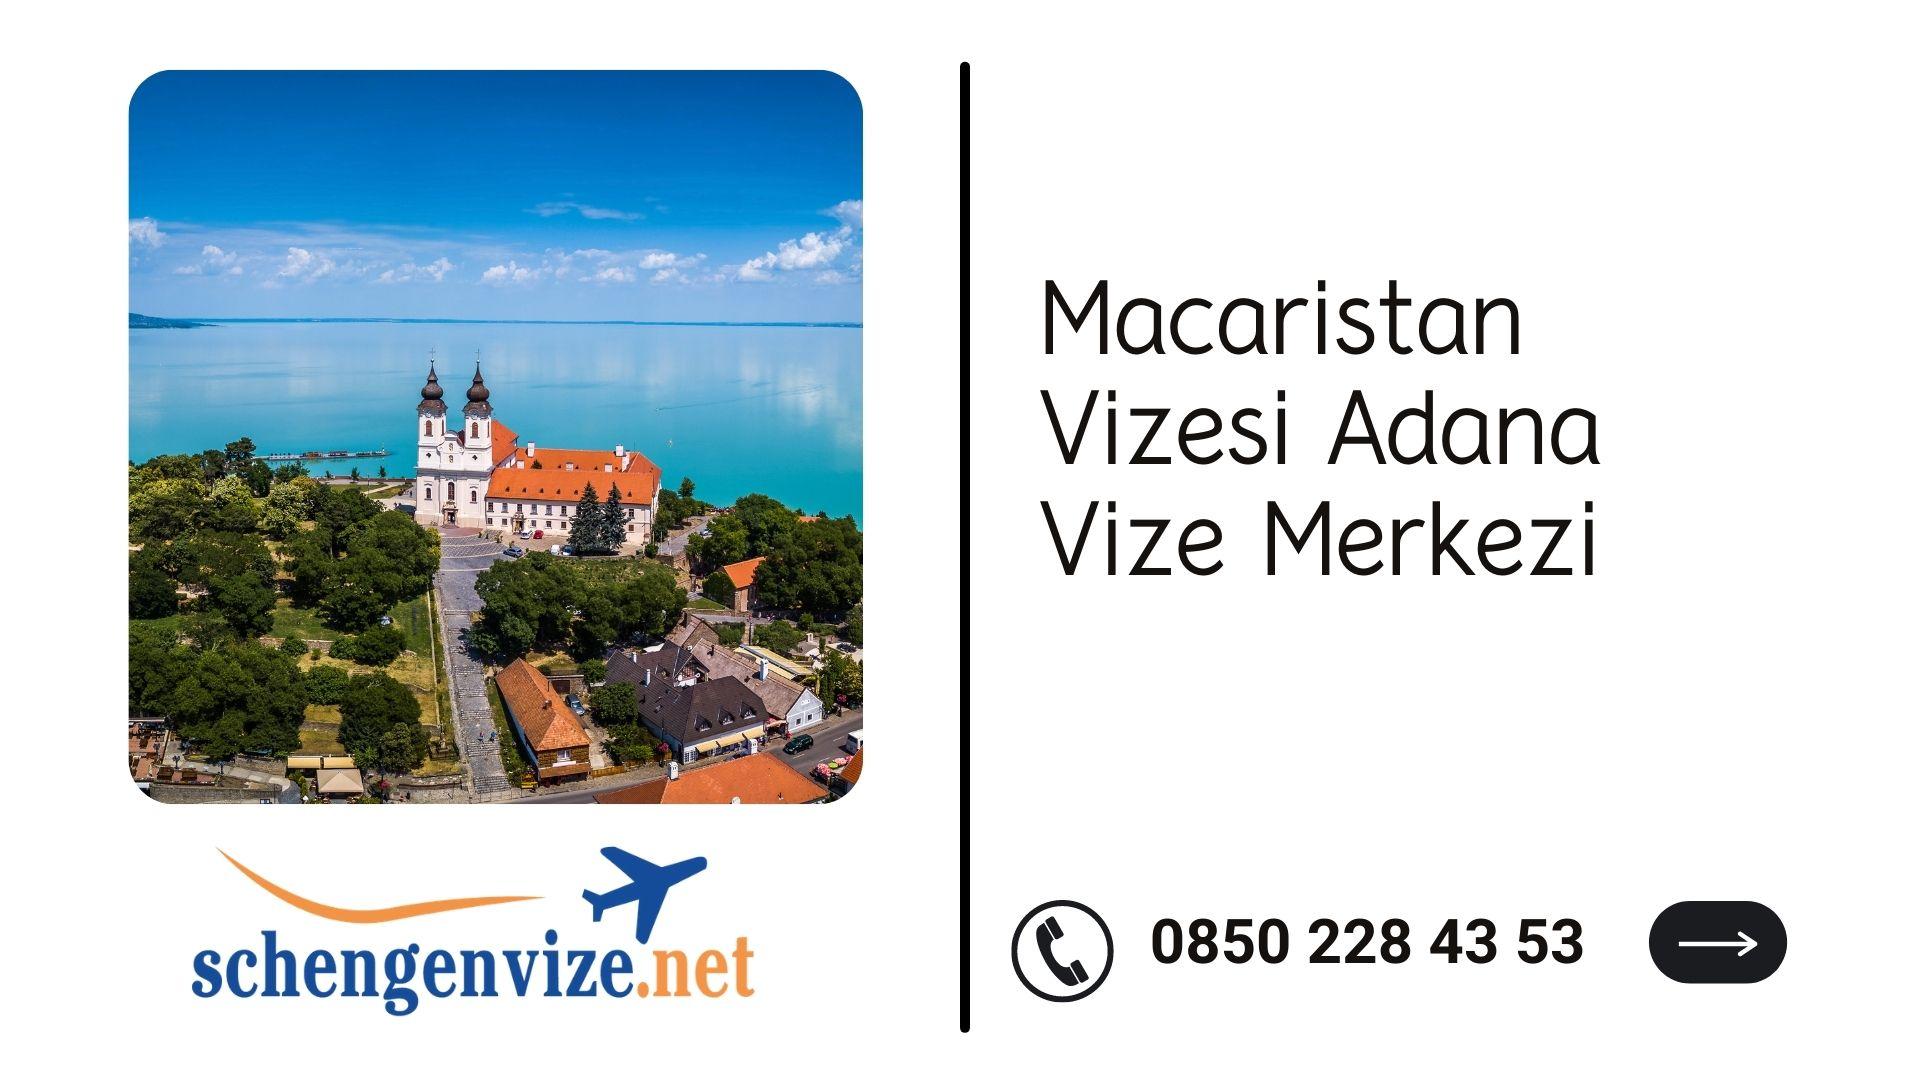 Macaristan Vizesi Adana Vize Merkezi